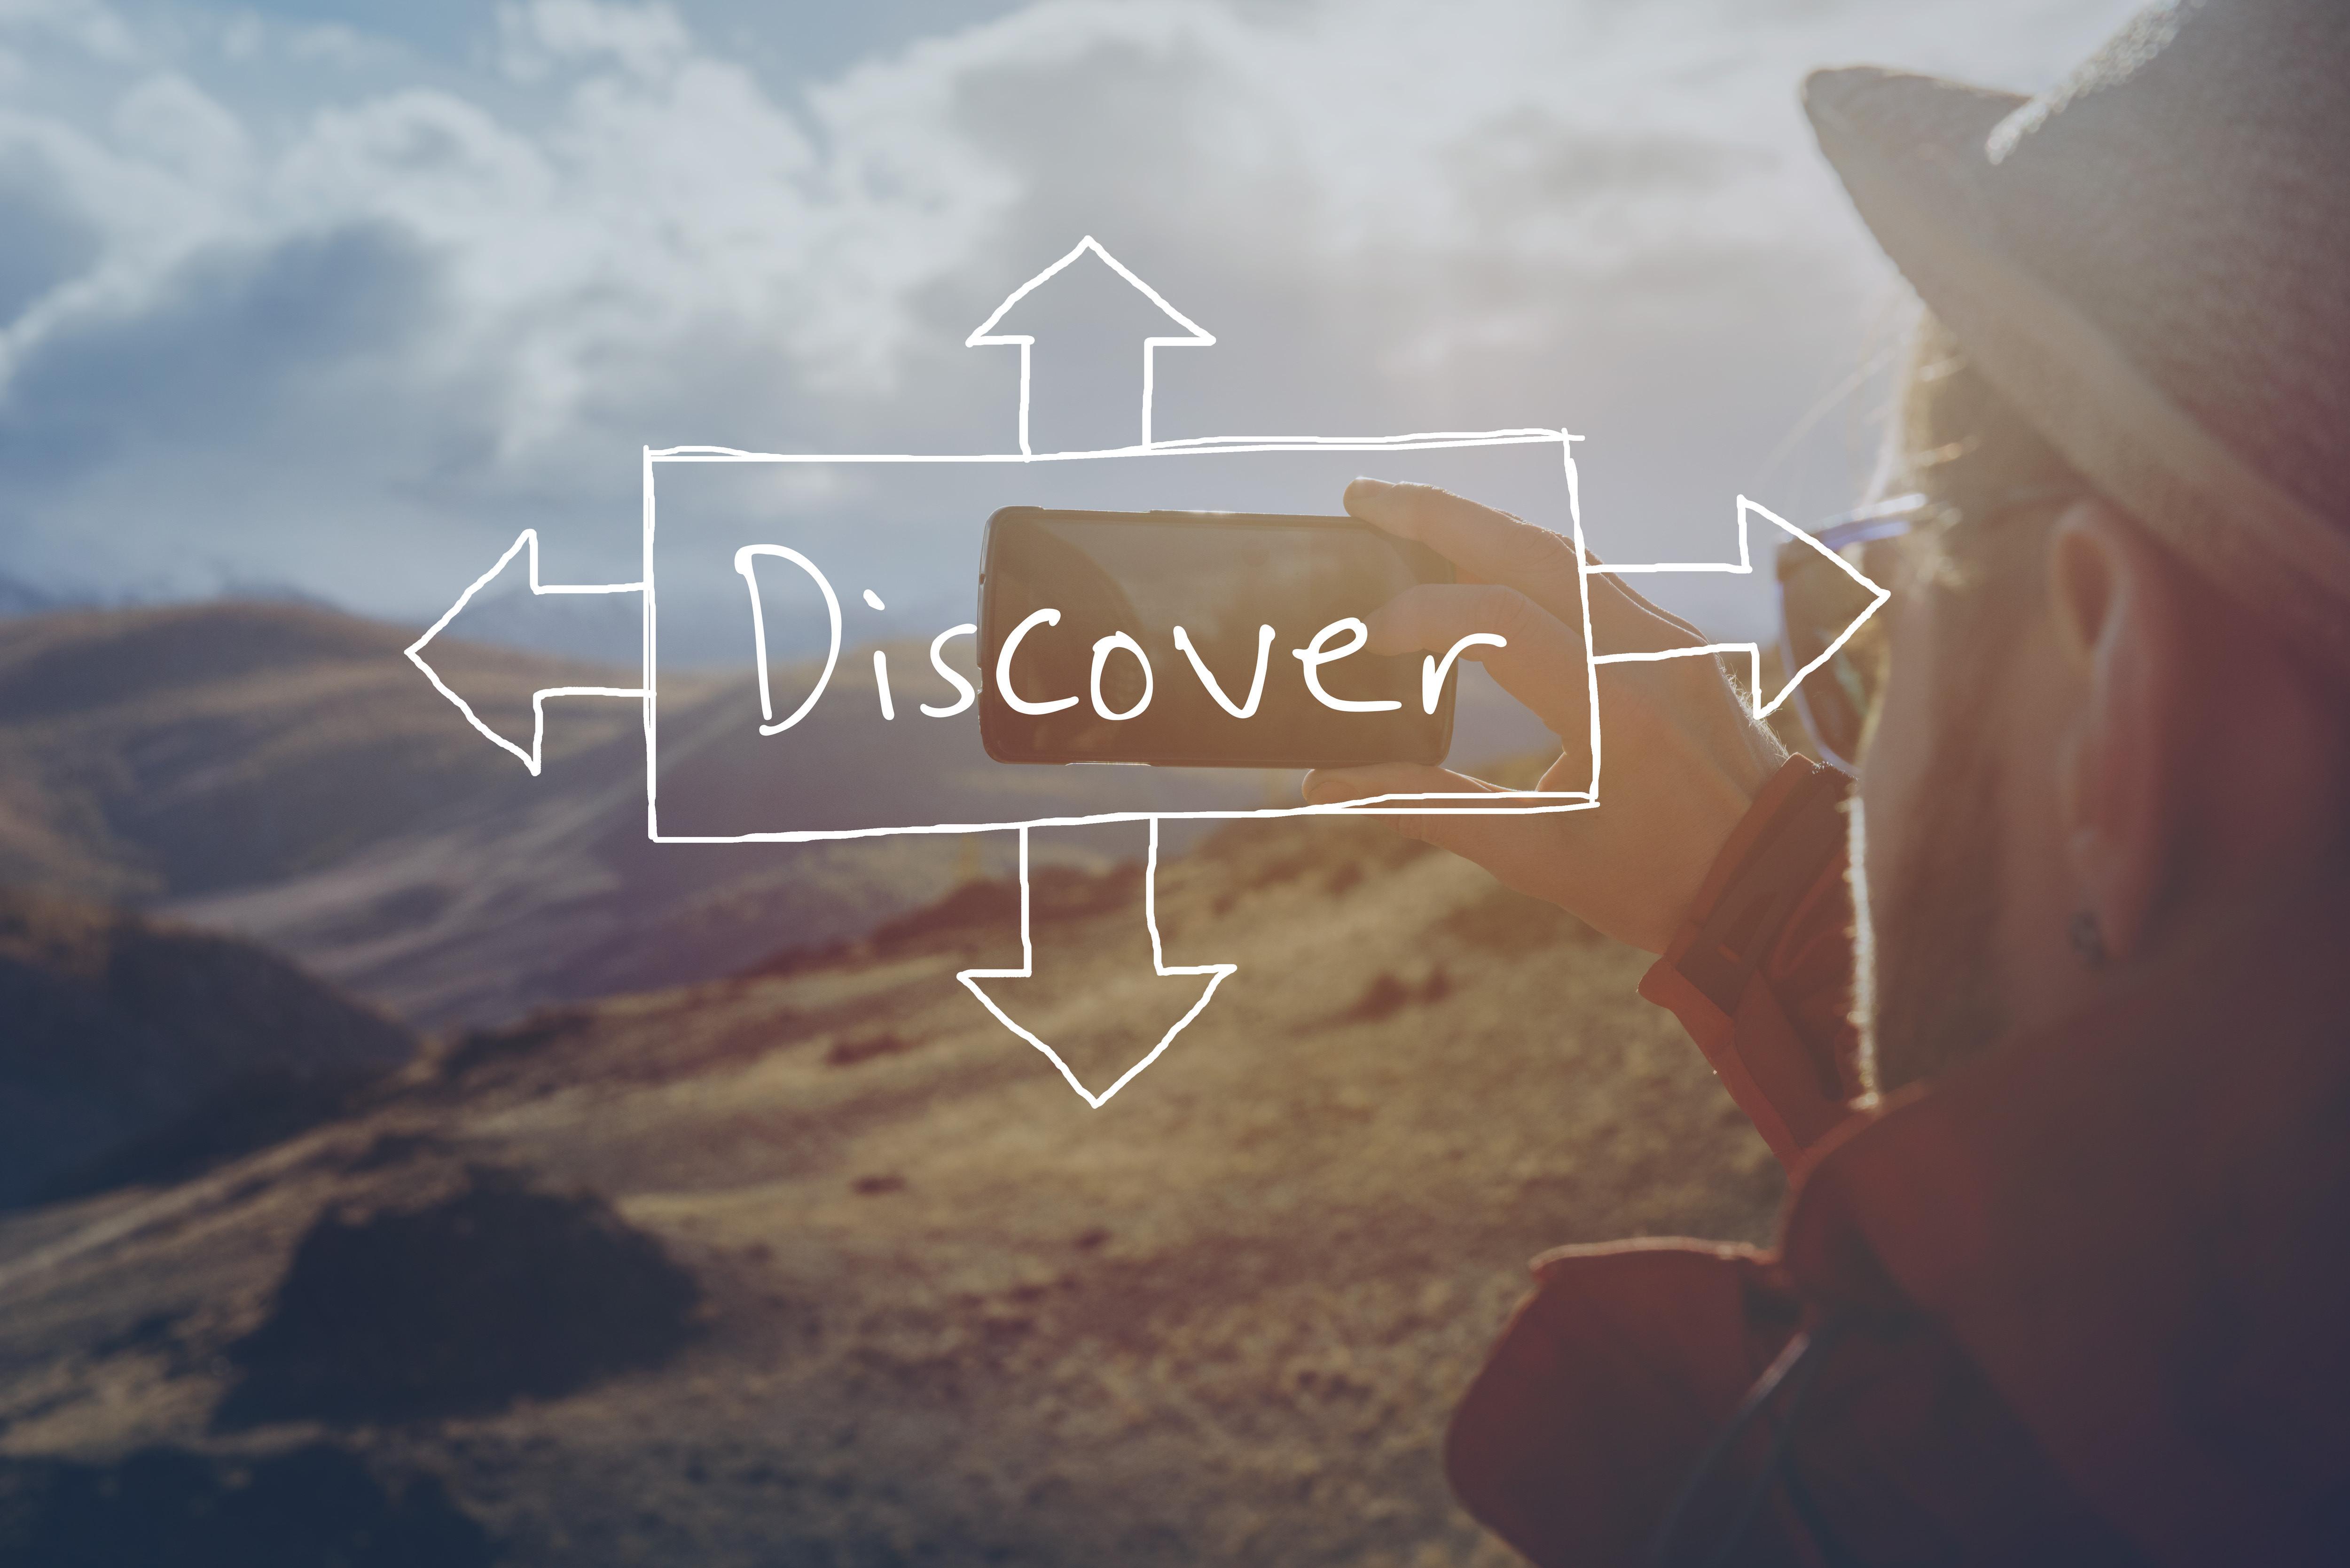 Séance de découverte